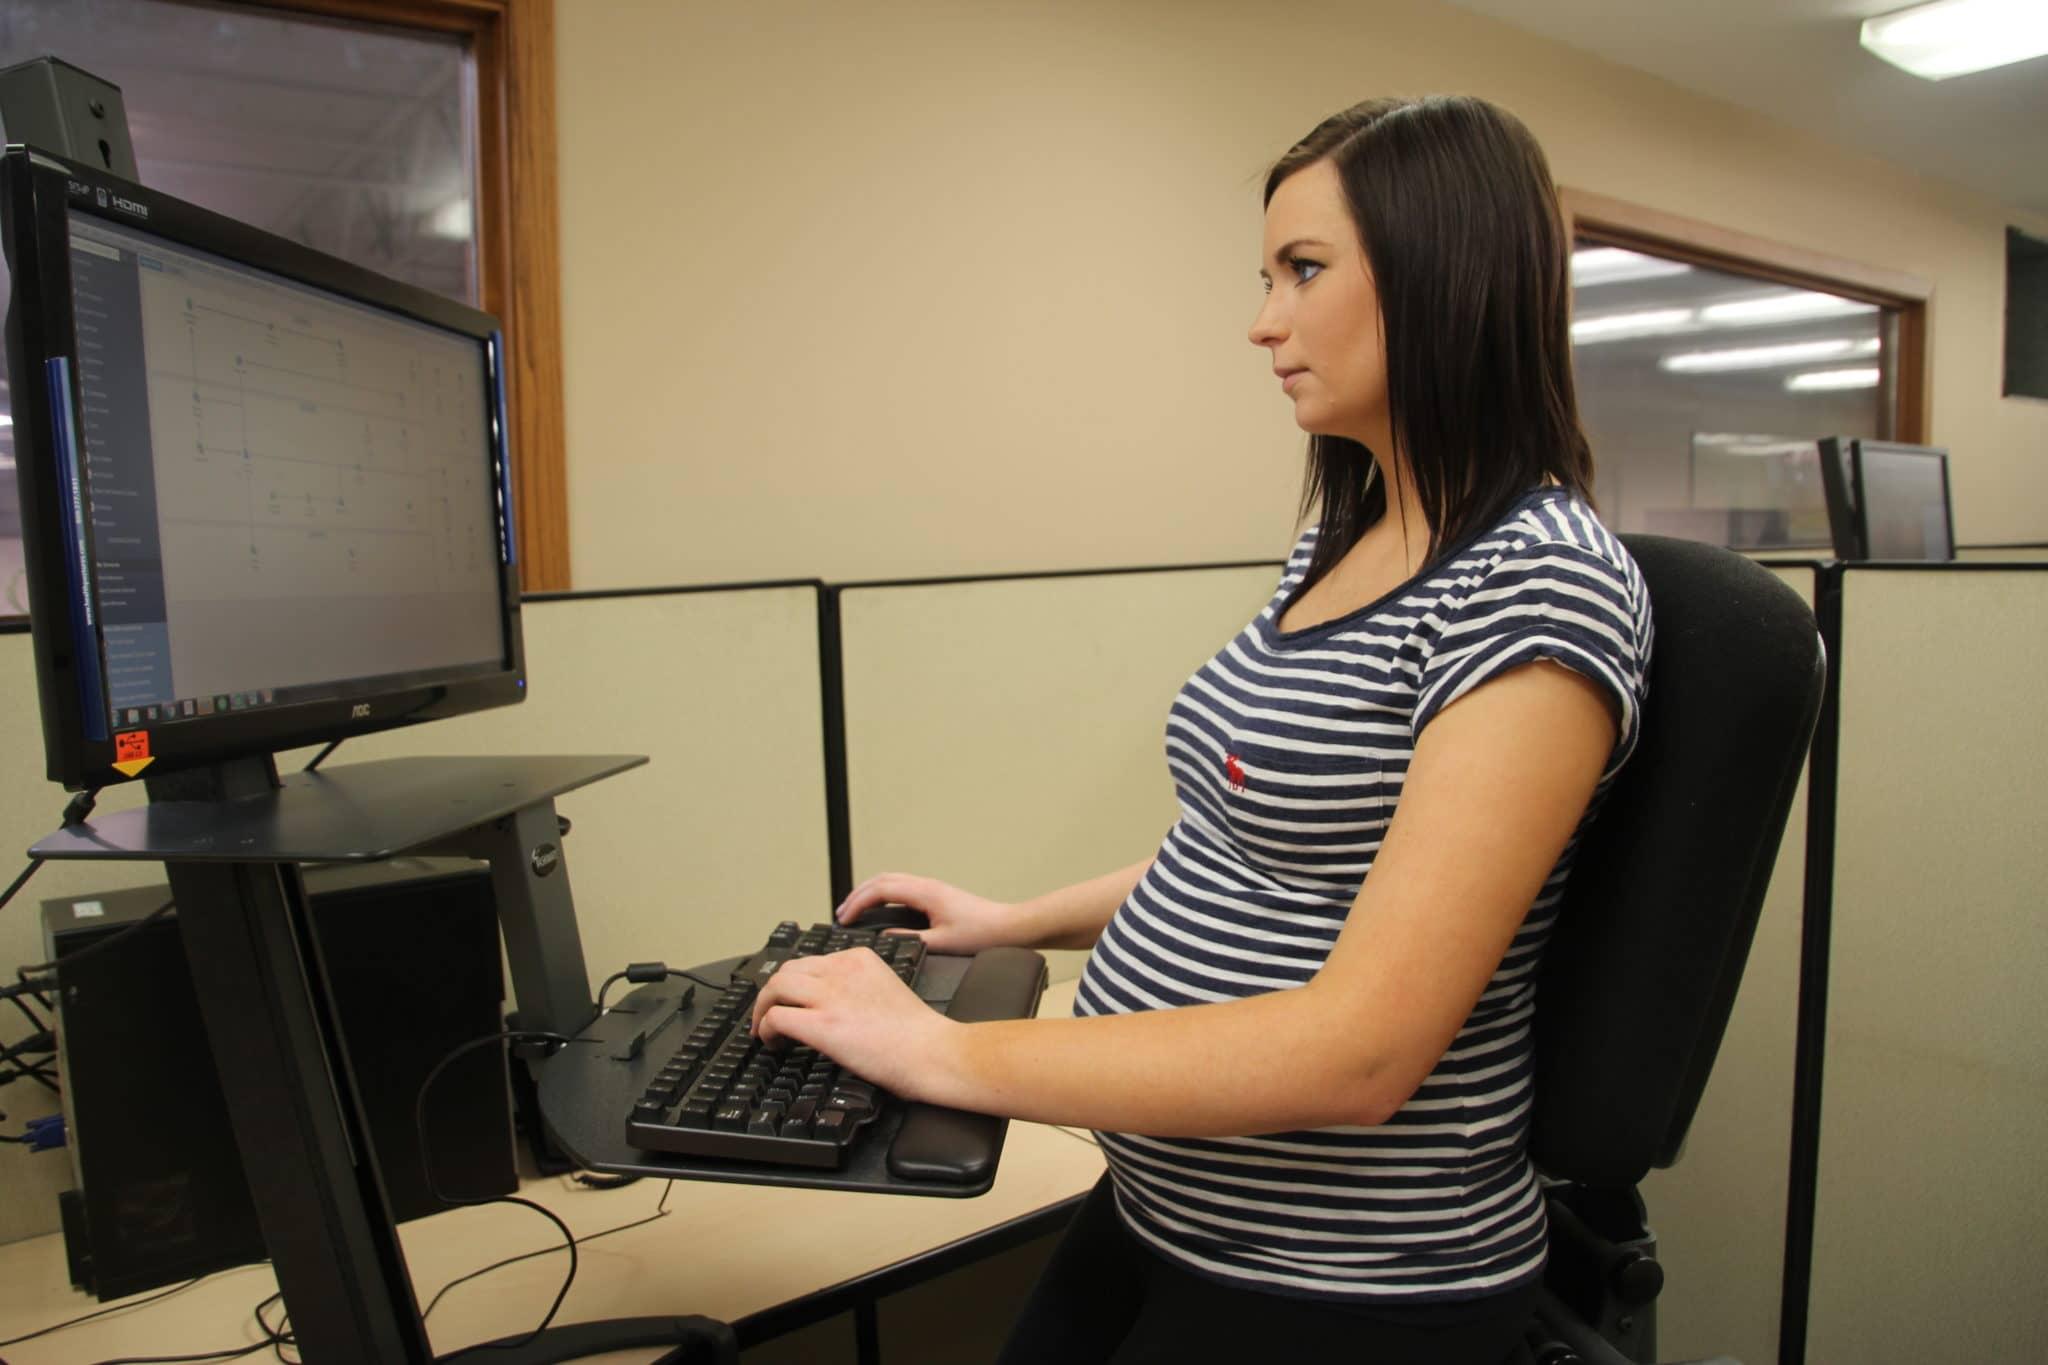 Вред компьютера во время беременности